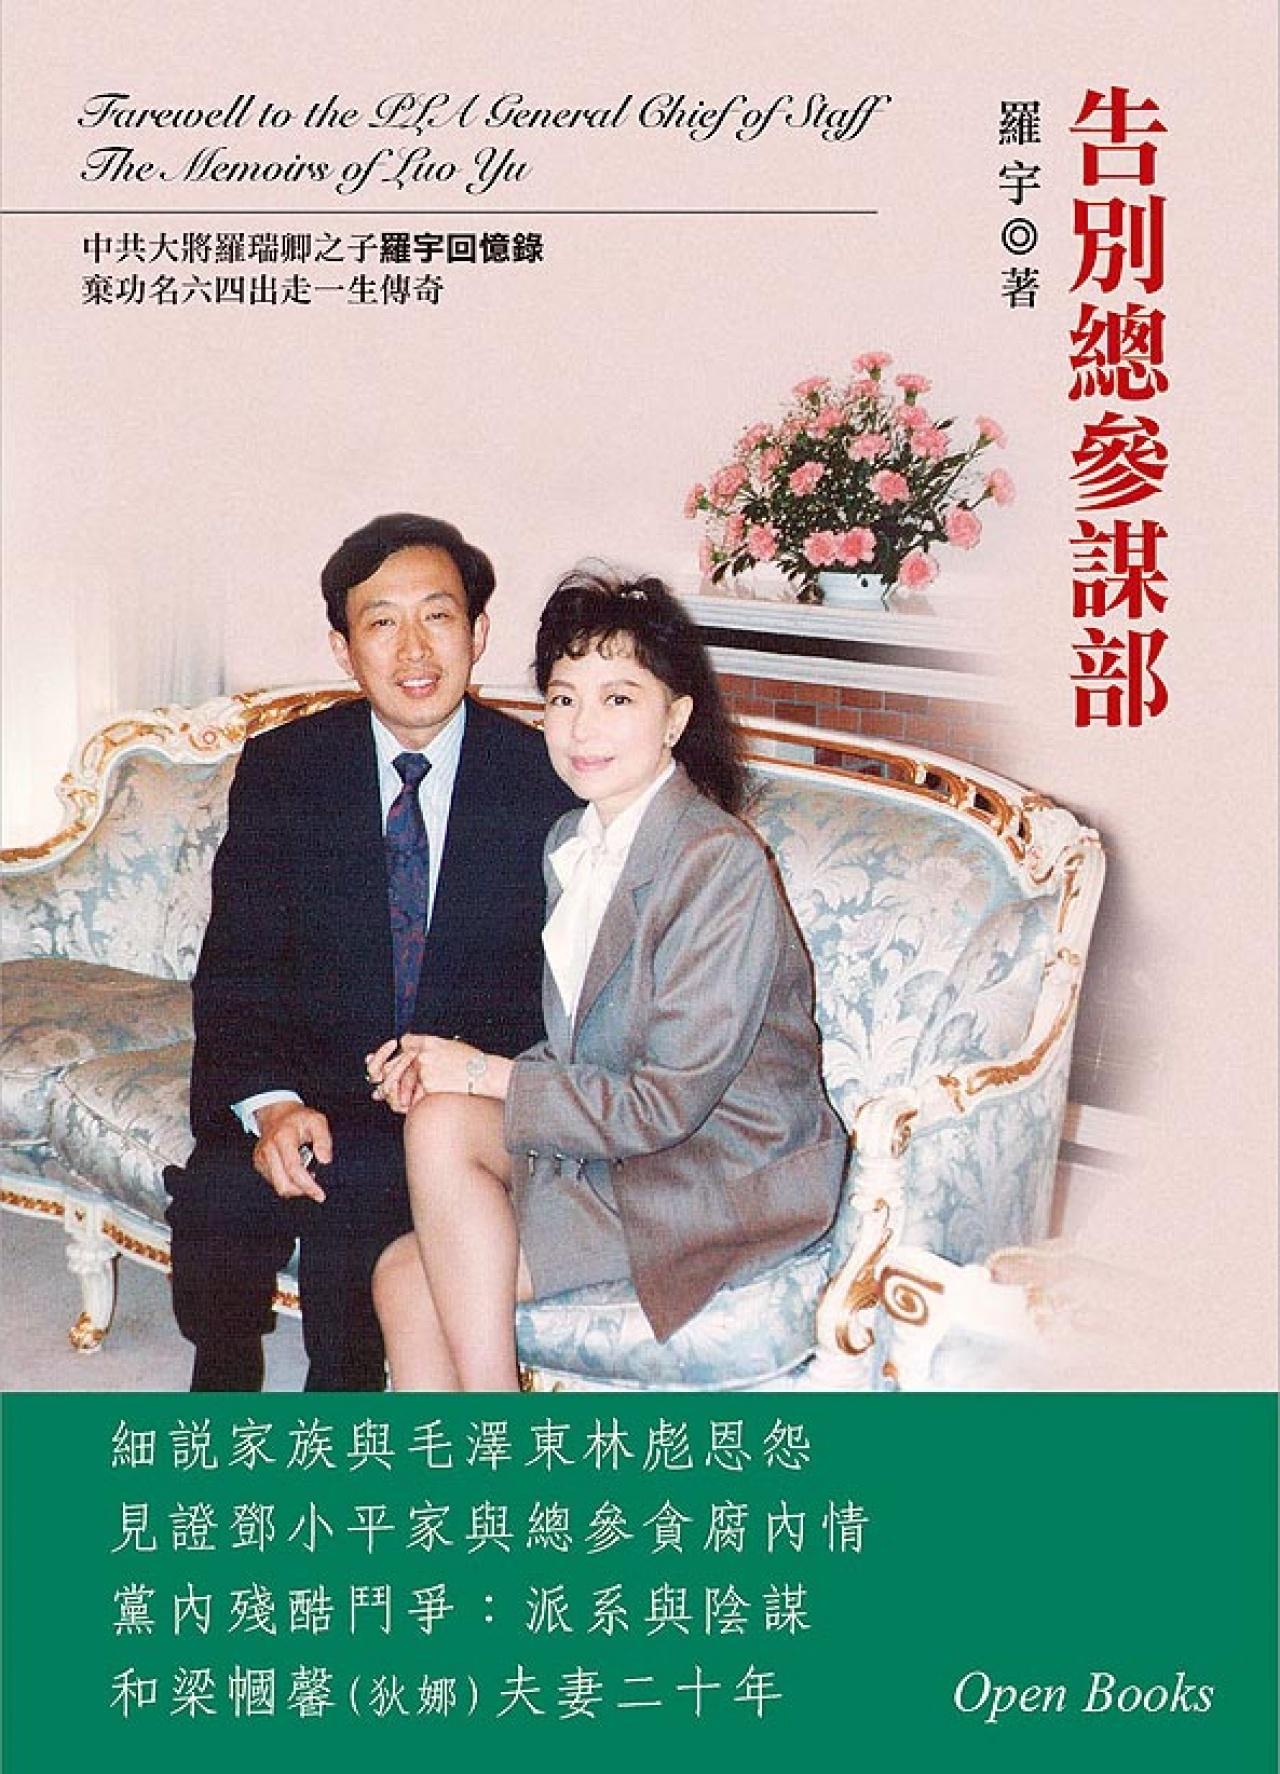 羅宇為紀念亡妻狄娜的《告別總參謀部》在書店大受歡迎。(網上圖片)